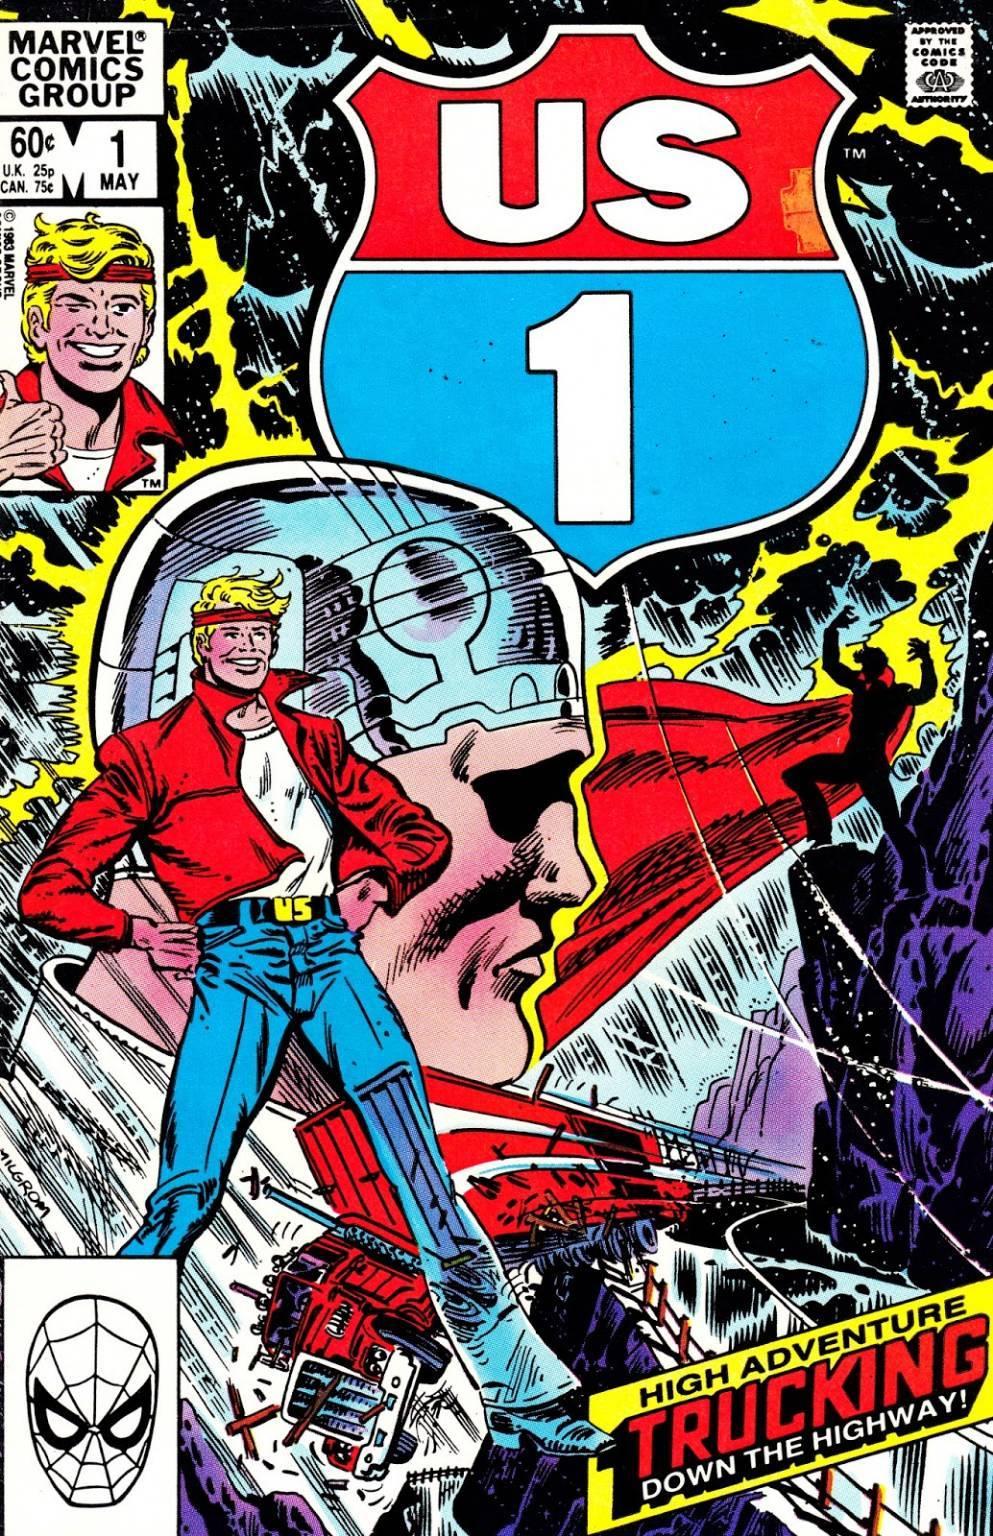 peggiori supereroi - US1